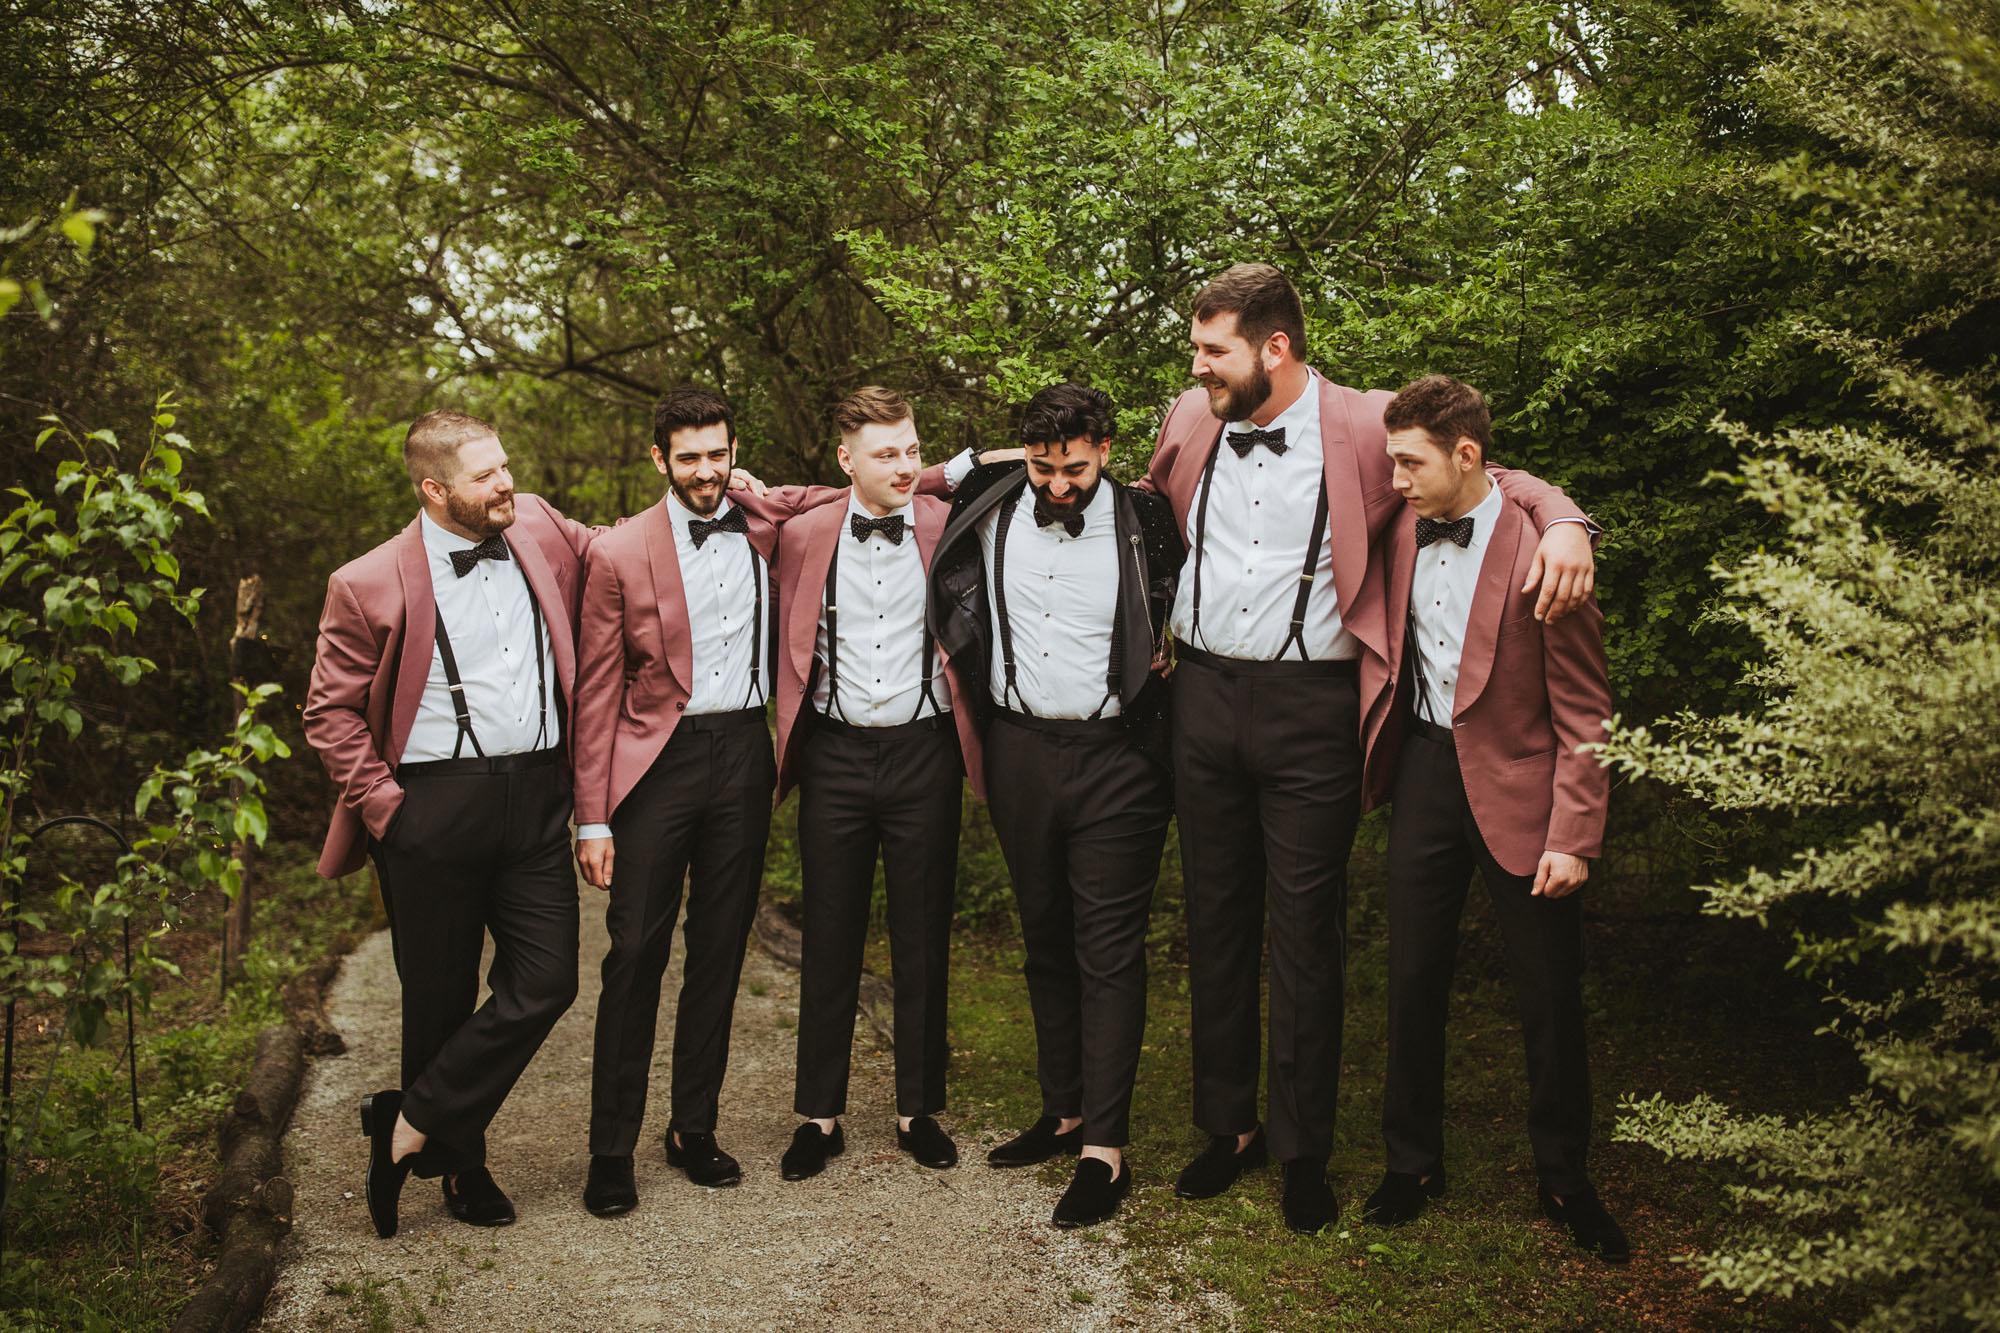 Dusty-rose-wedding-jackets